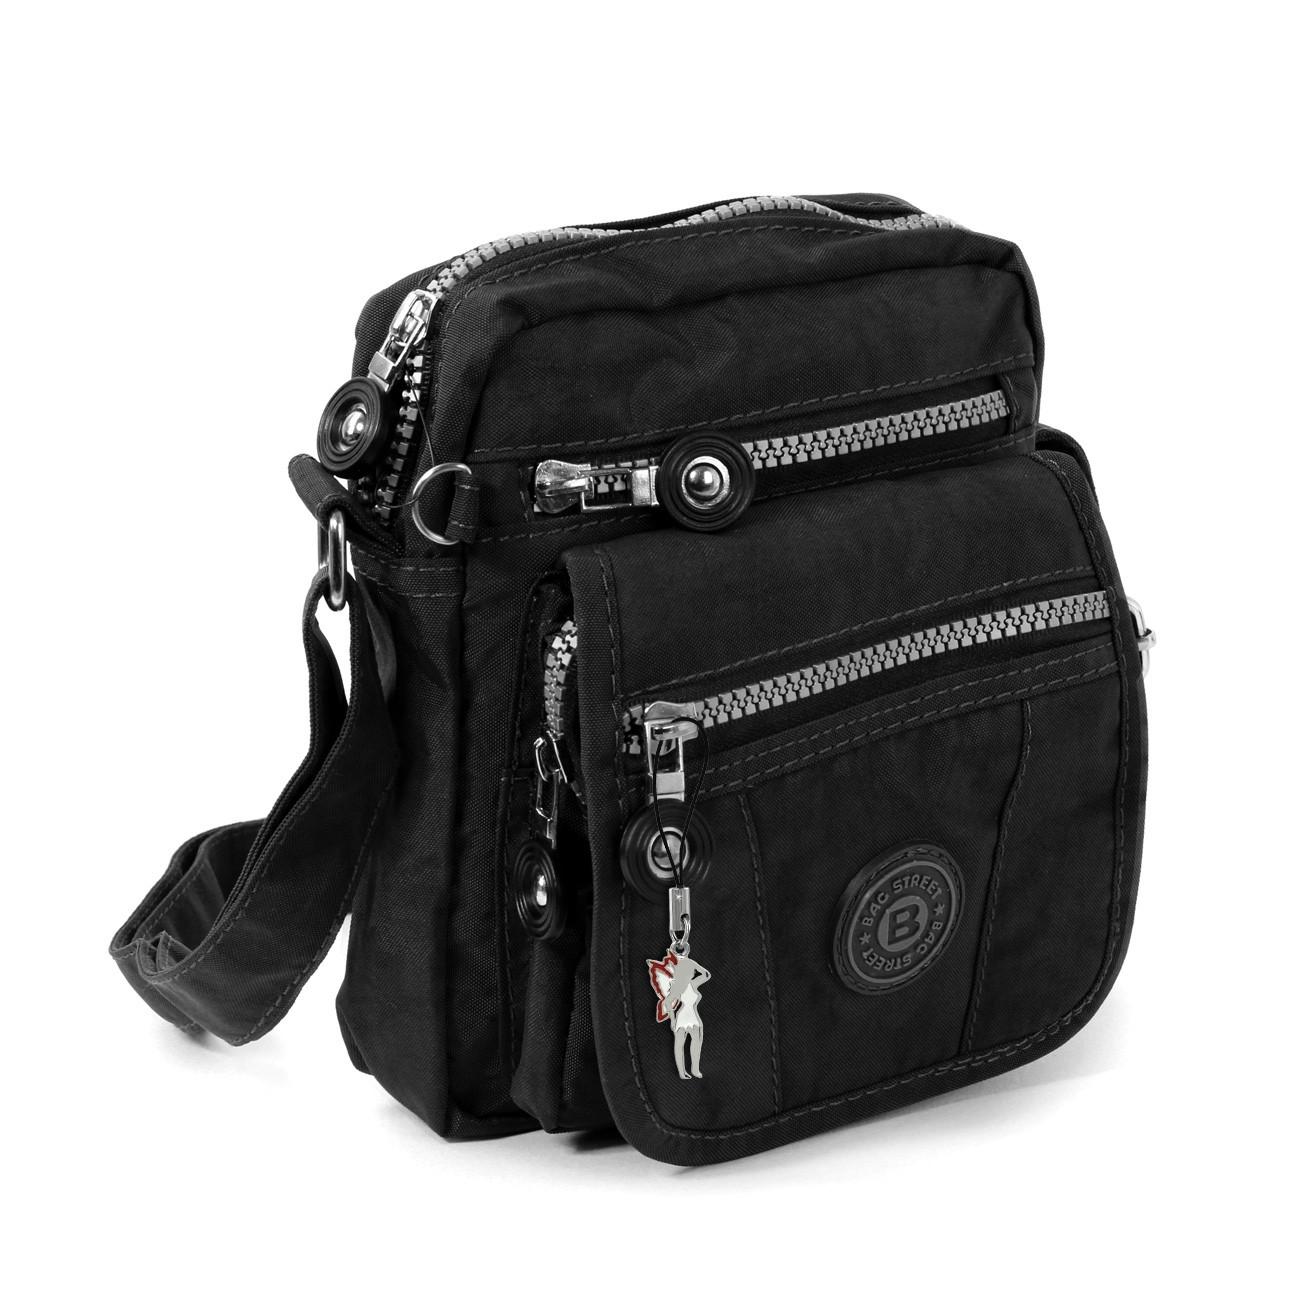 Umhängetasche Nylon schwarz Crossover Schultertasche Bag Street OTJ215S